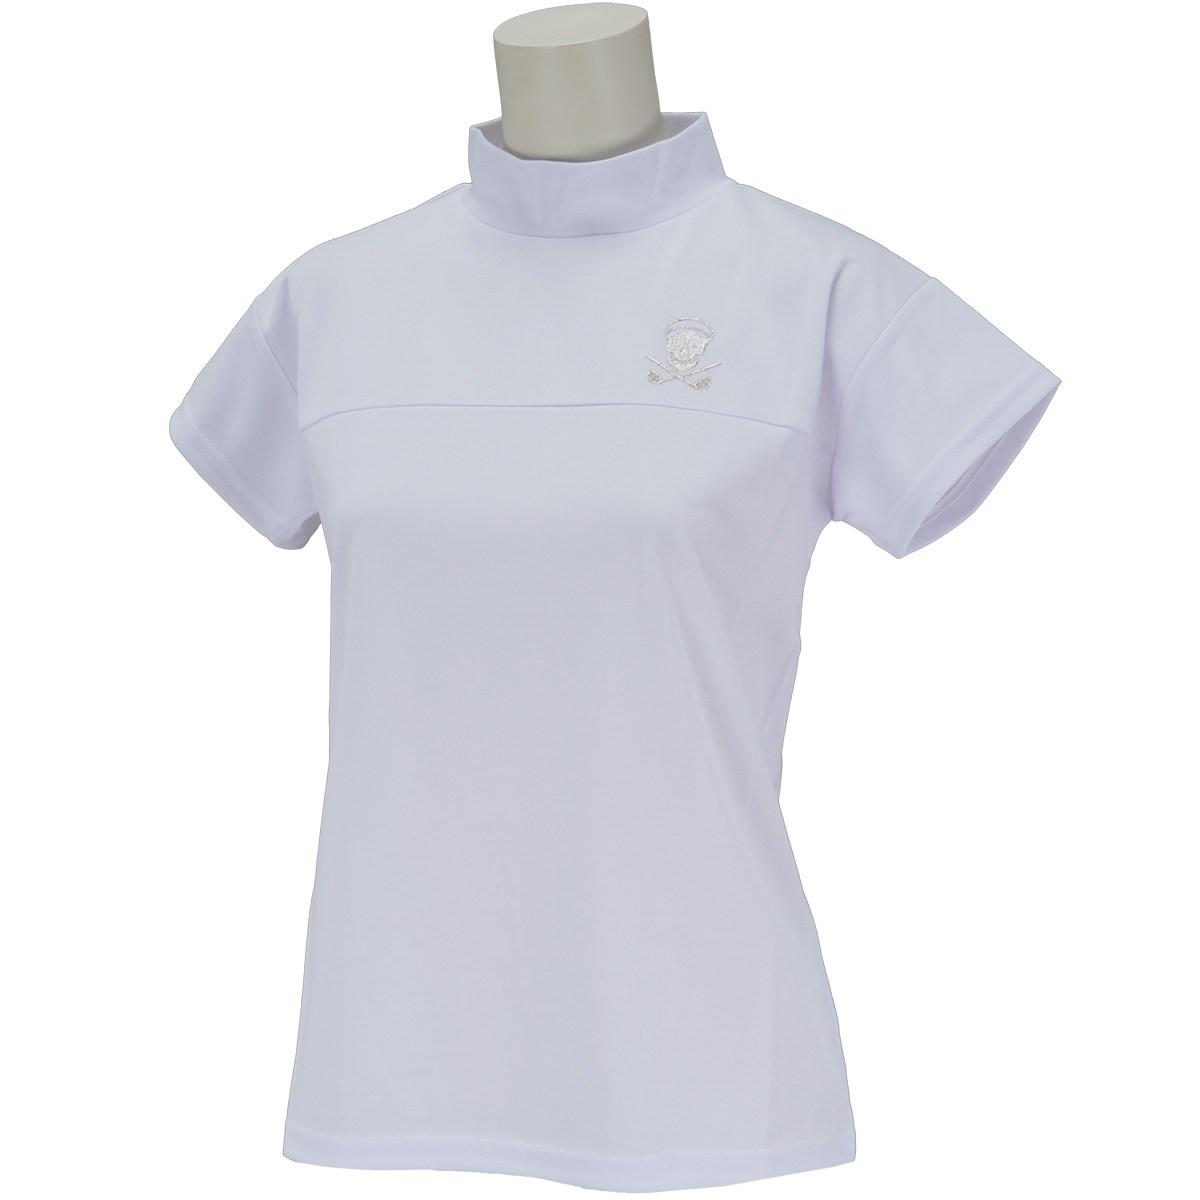 デルソルゴルフ DELSOL GOLF スカル切り替え半袖ハイネックシャツ M ホワイト レディス